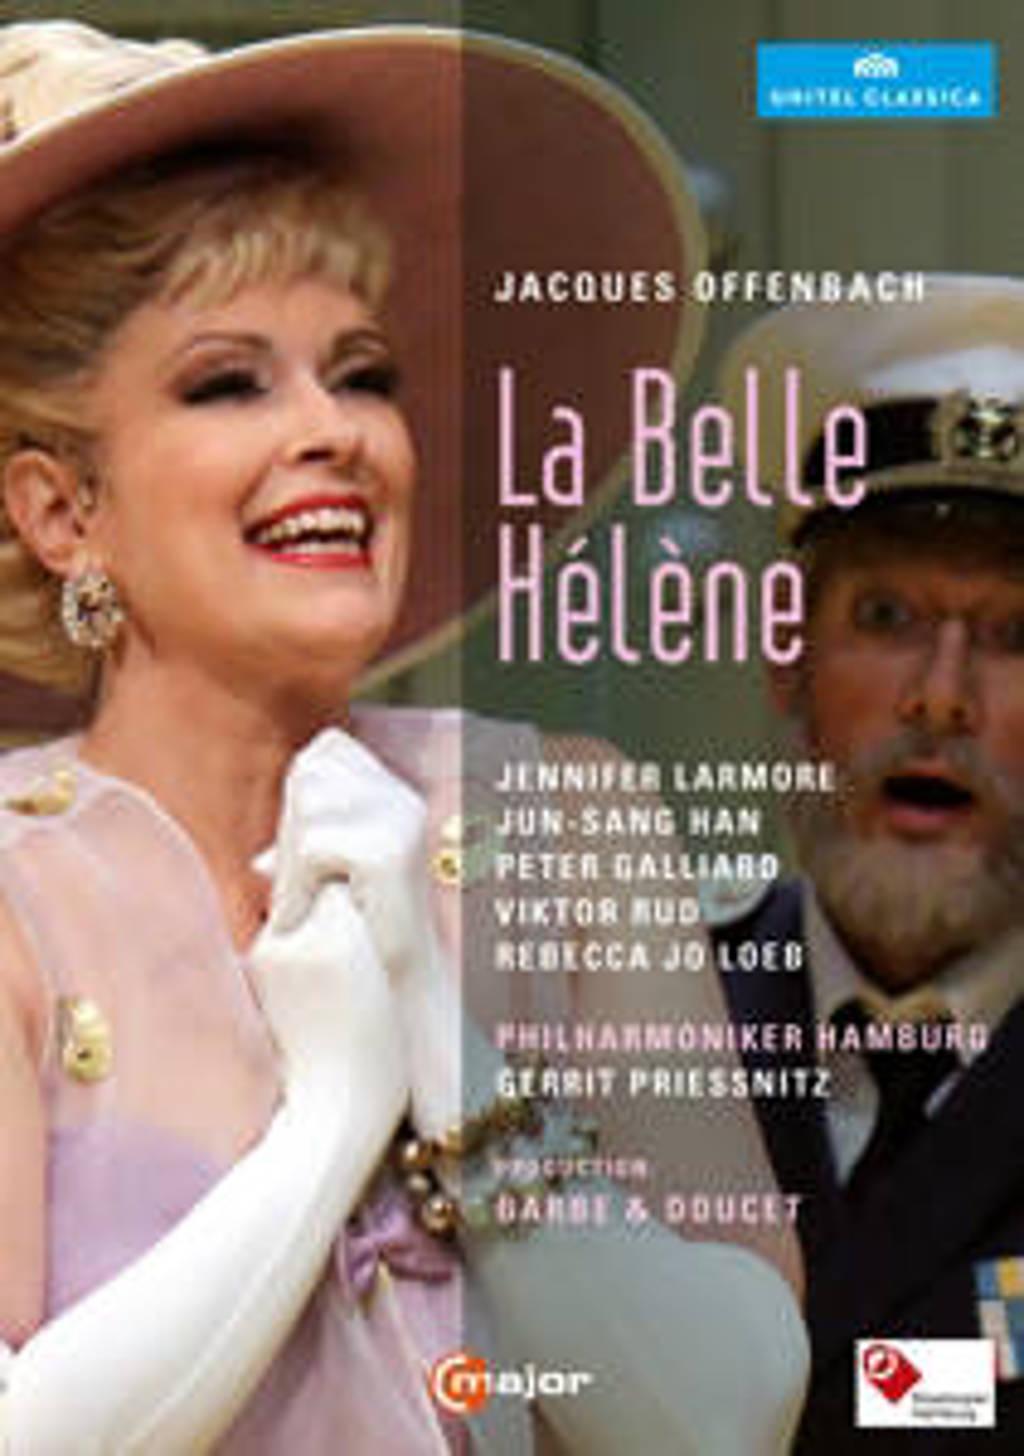 Larmore,Galliard,Rud,Loeb - La Belle Helene, Hamburg 2014 (DVD)